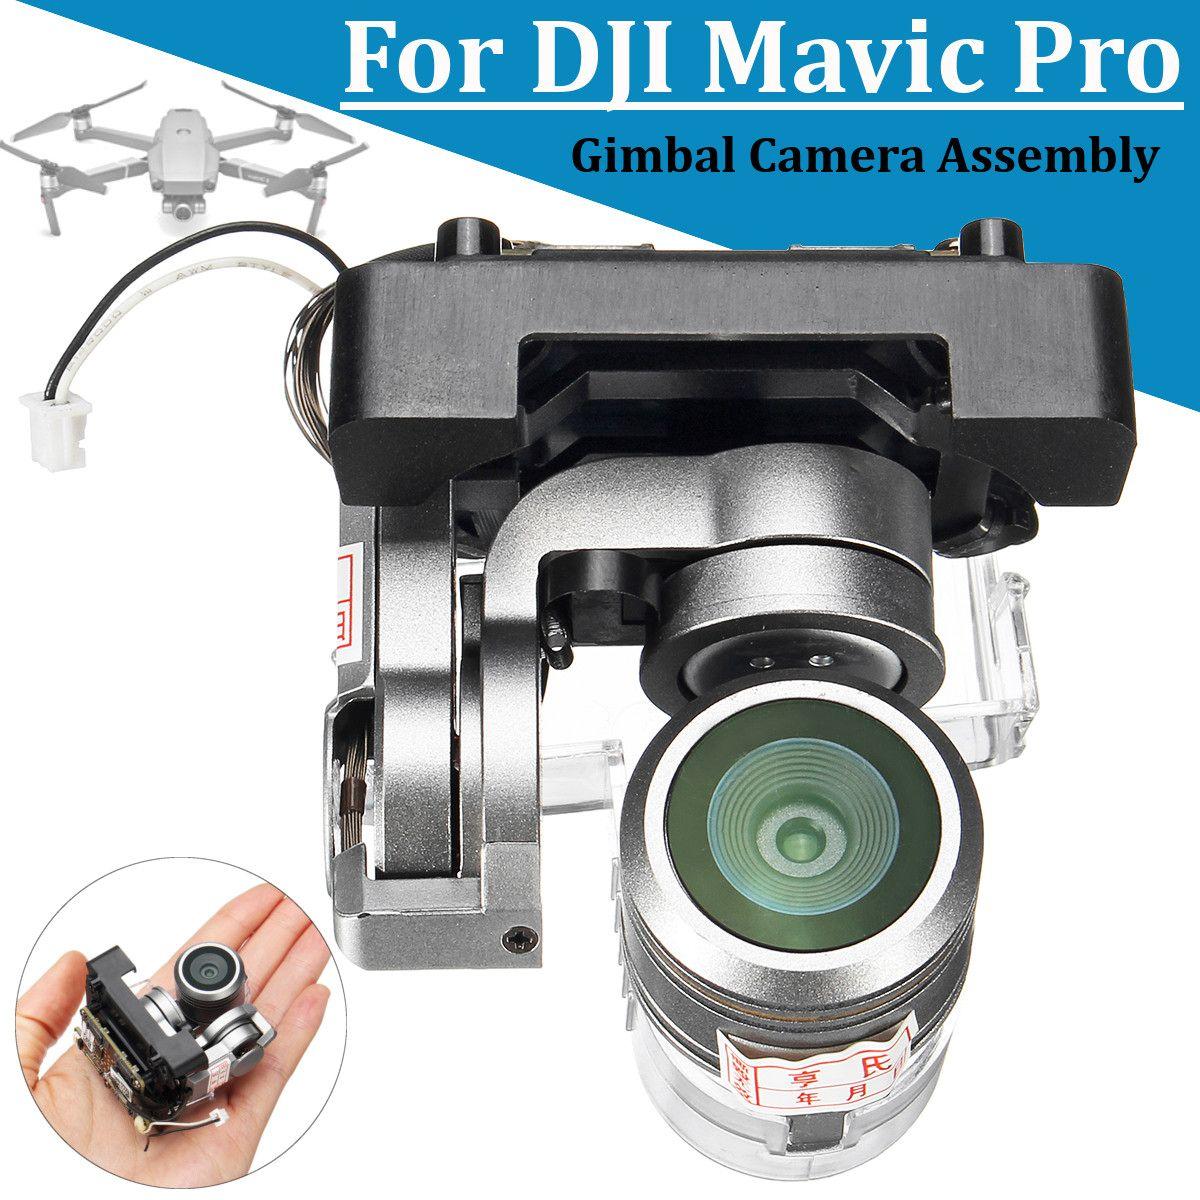 Para DJI 4 k Mavic Pro Gimbal Câmera de Montagem Cardan Câmera de Vídeo Repair Tool Parte Com Lente Da Câmera Reparação de Drones acessórios Novo